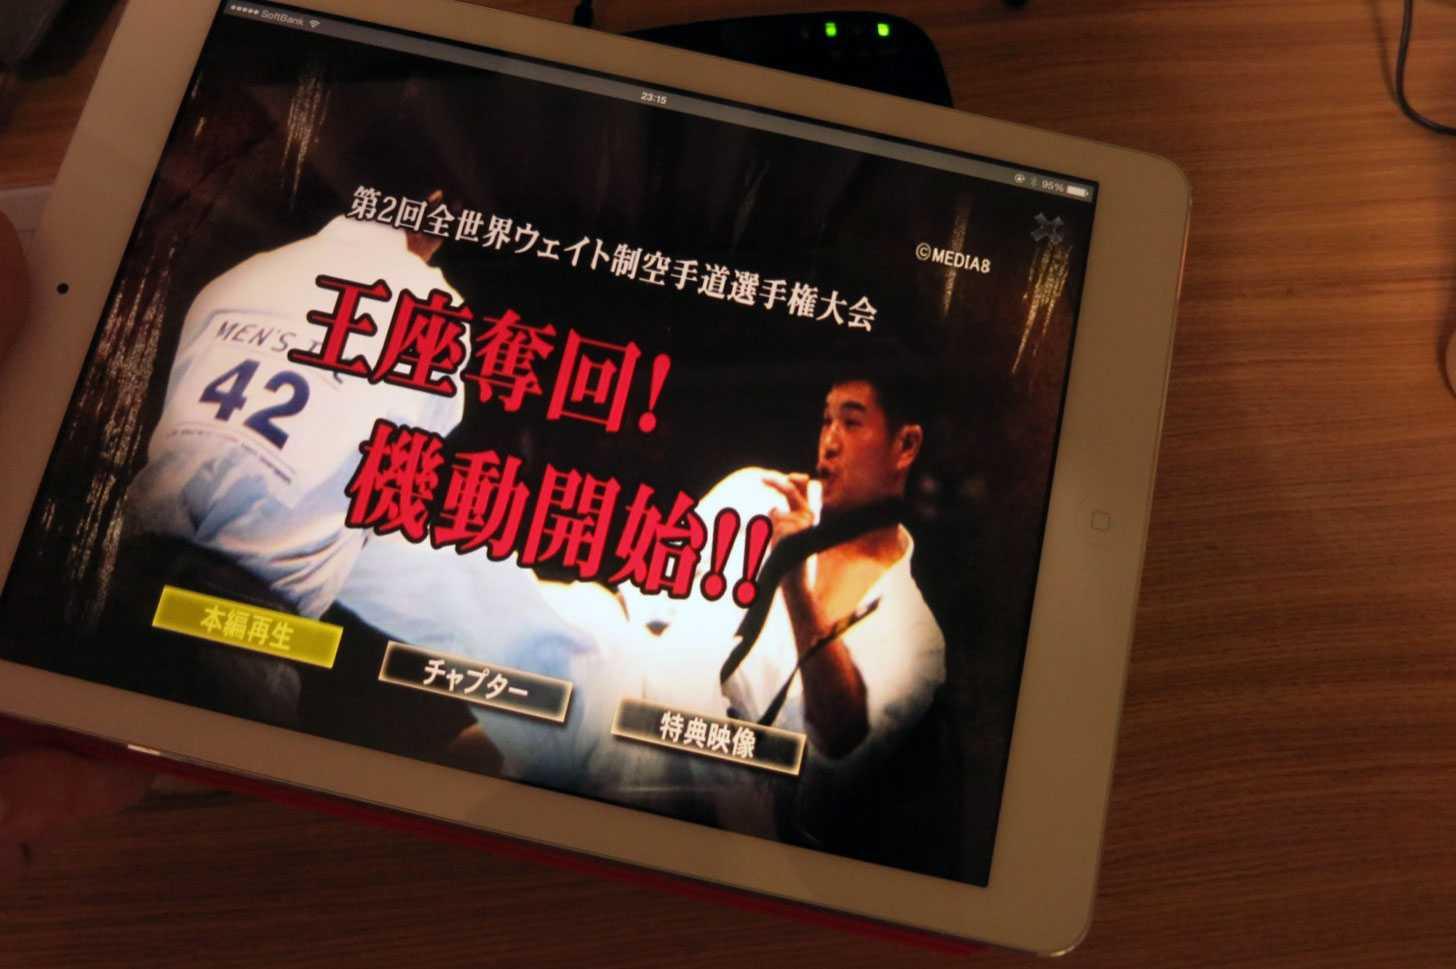 Logitec WiFi対応 ポータブルDVDドライブを使って無線経由でiPadでDVDを見ている様子